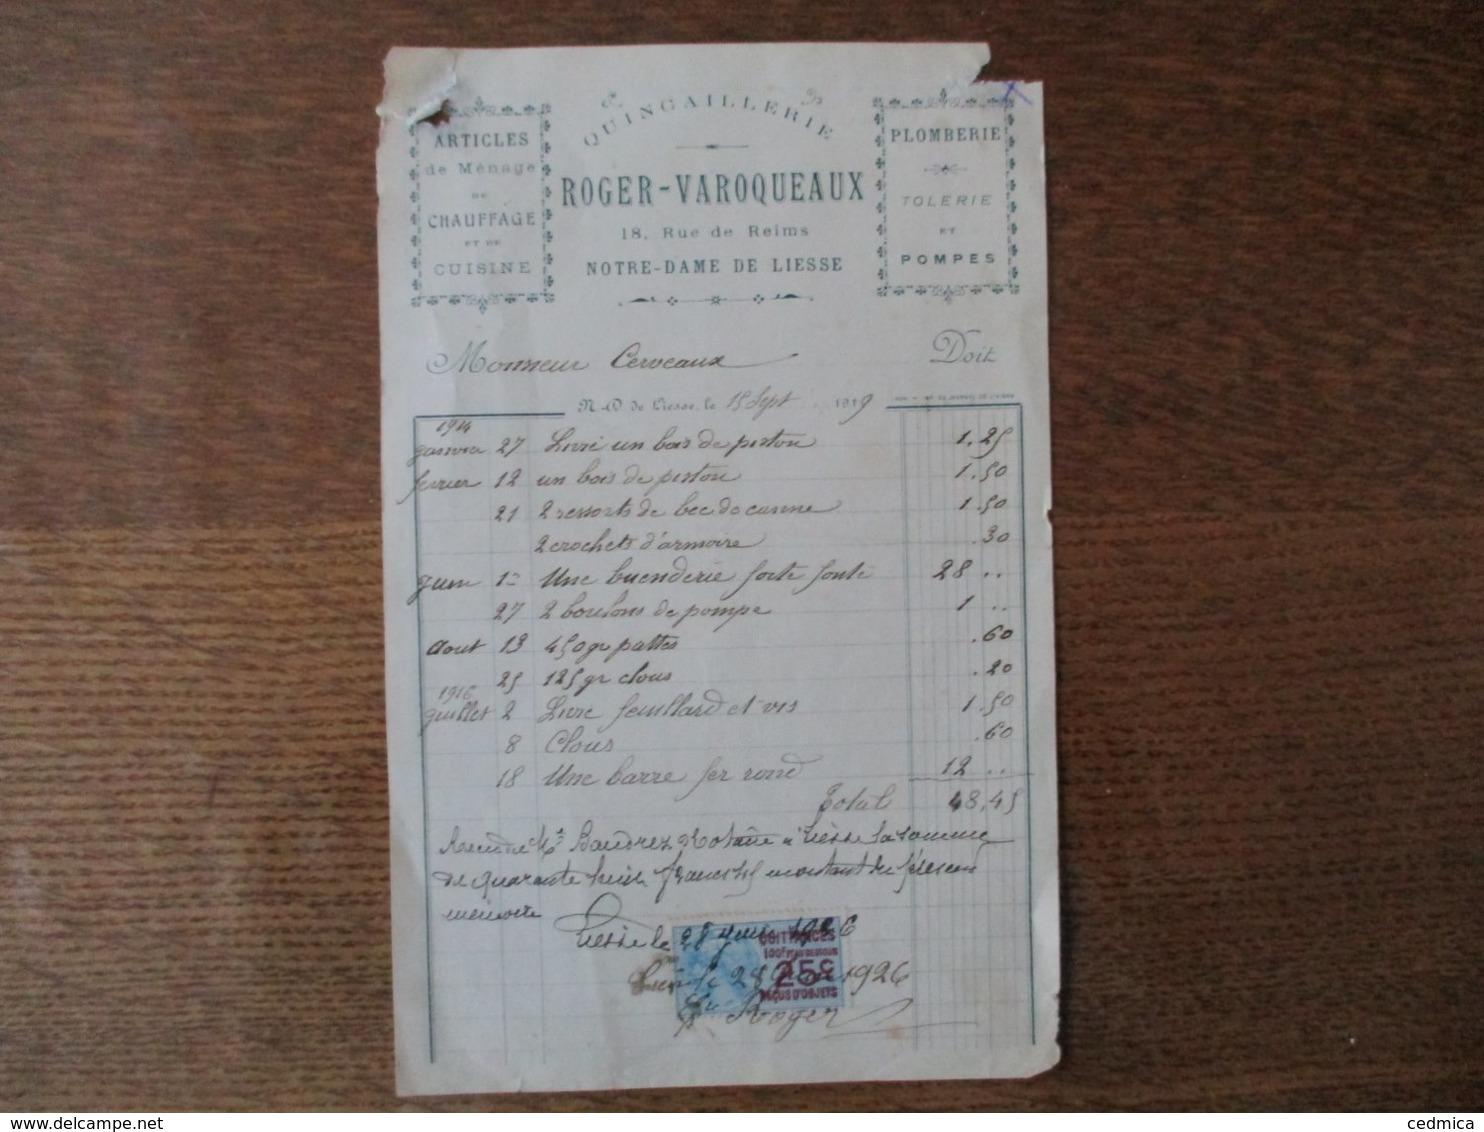 NOTRE-DAME DE LIESSE ROGER-VAROQUEAUX QUINCAILLERIE 18 RUE DE REIMS FACTURE DU 15 SEPTEMBRE 1919 - France